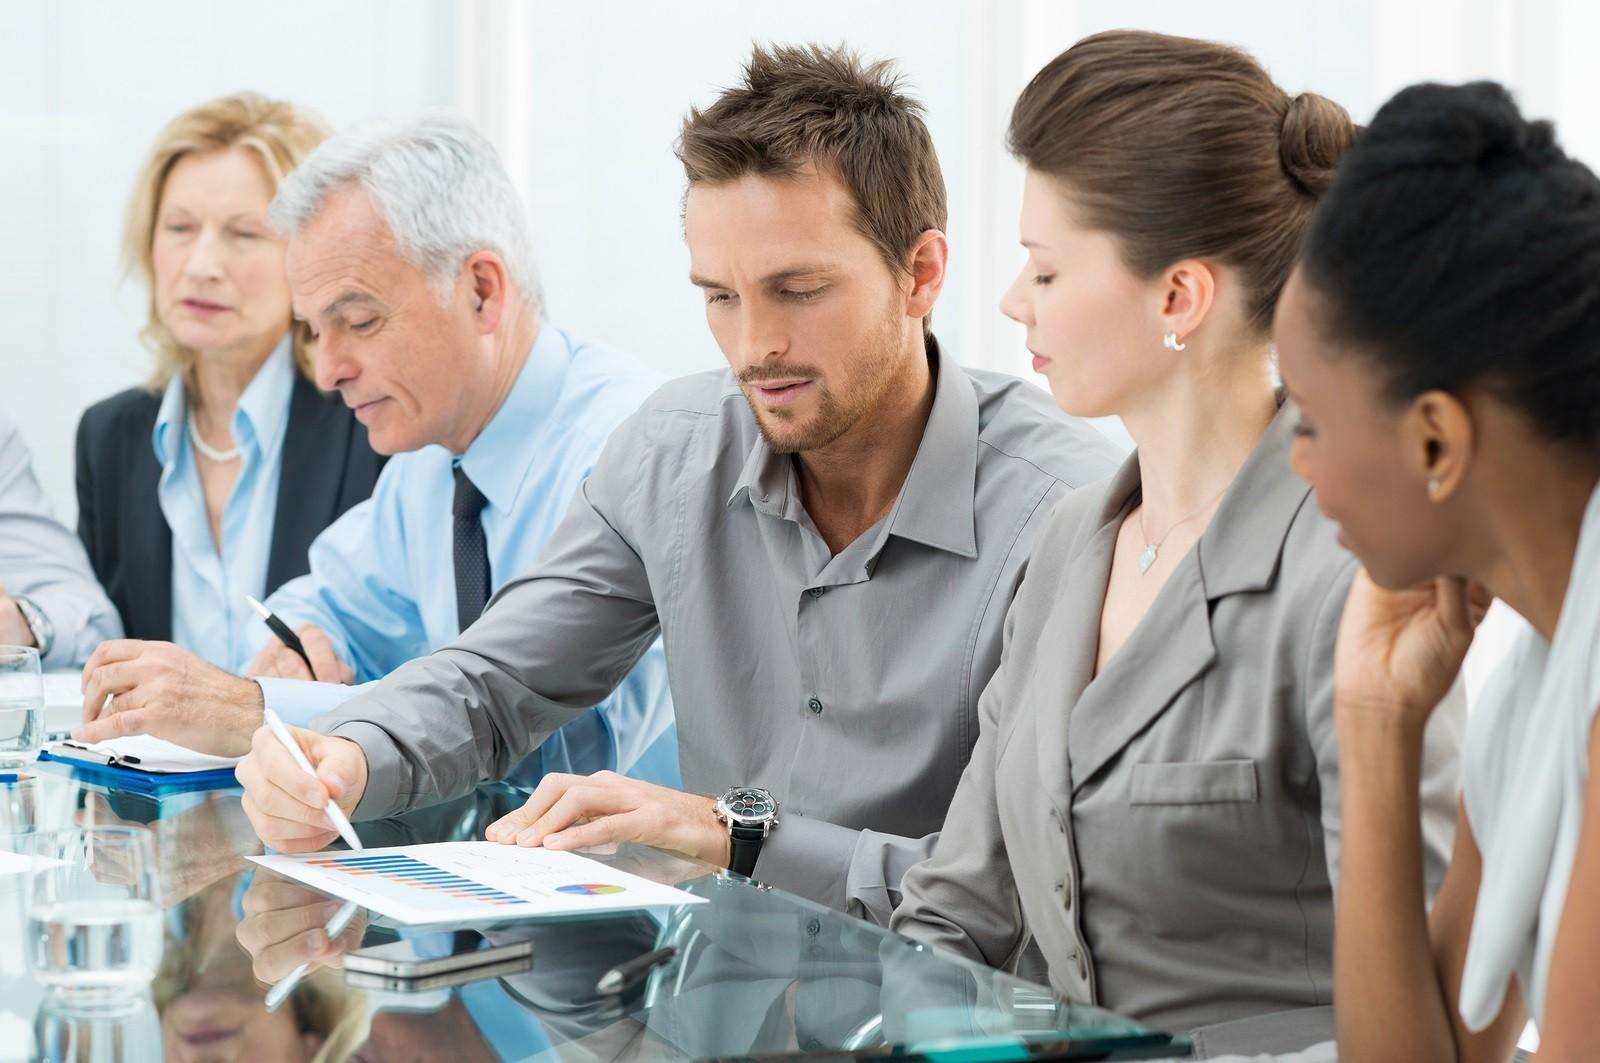 ¿La solución de los Despachos Profesionales será la consultoría tecnológica y estratégica?